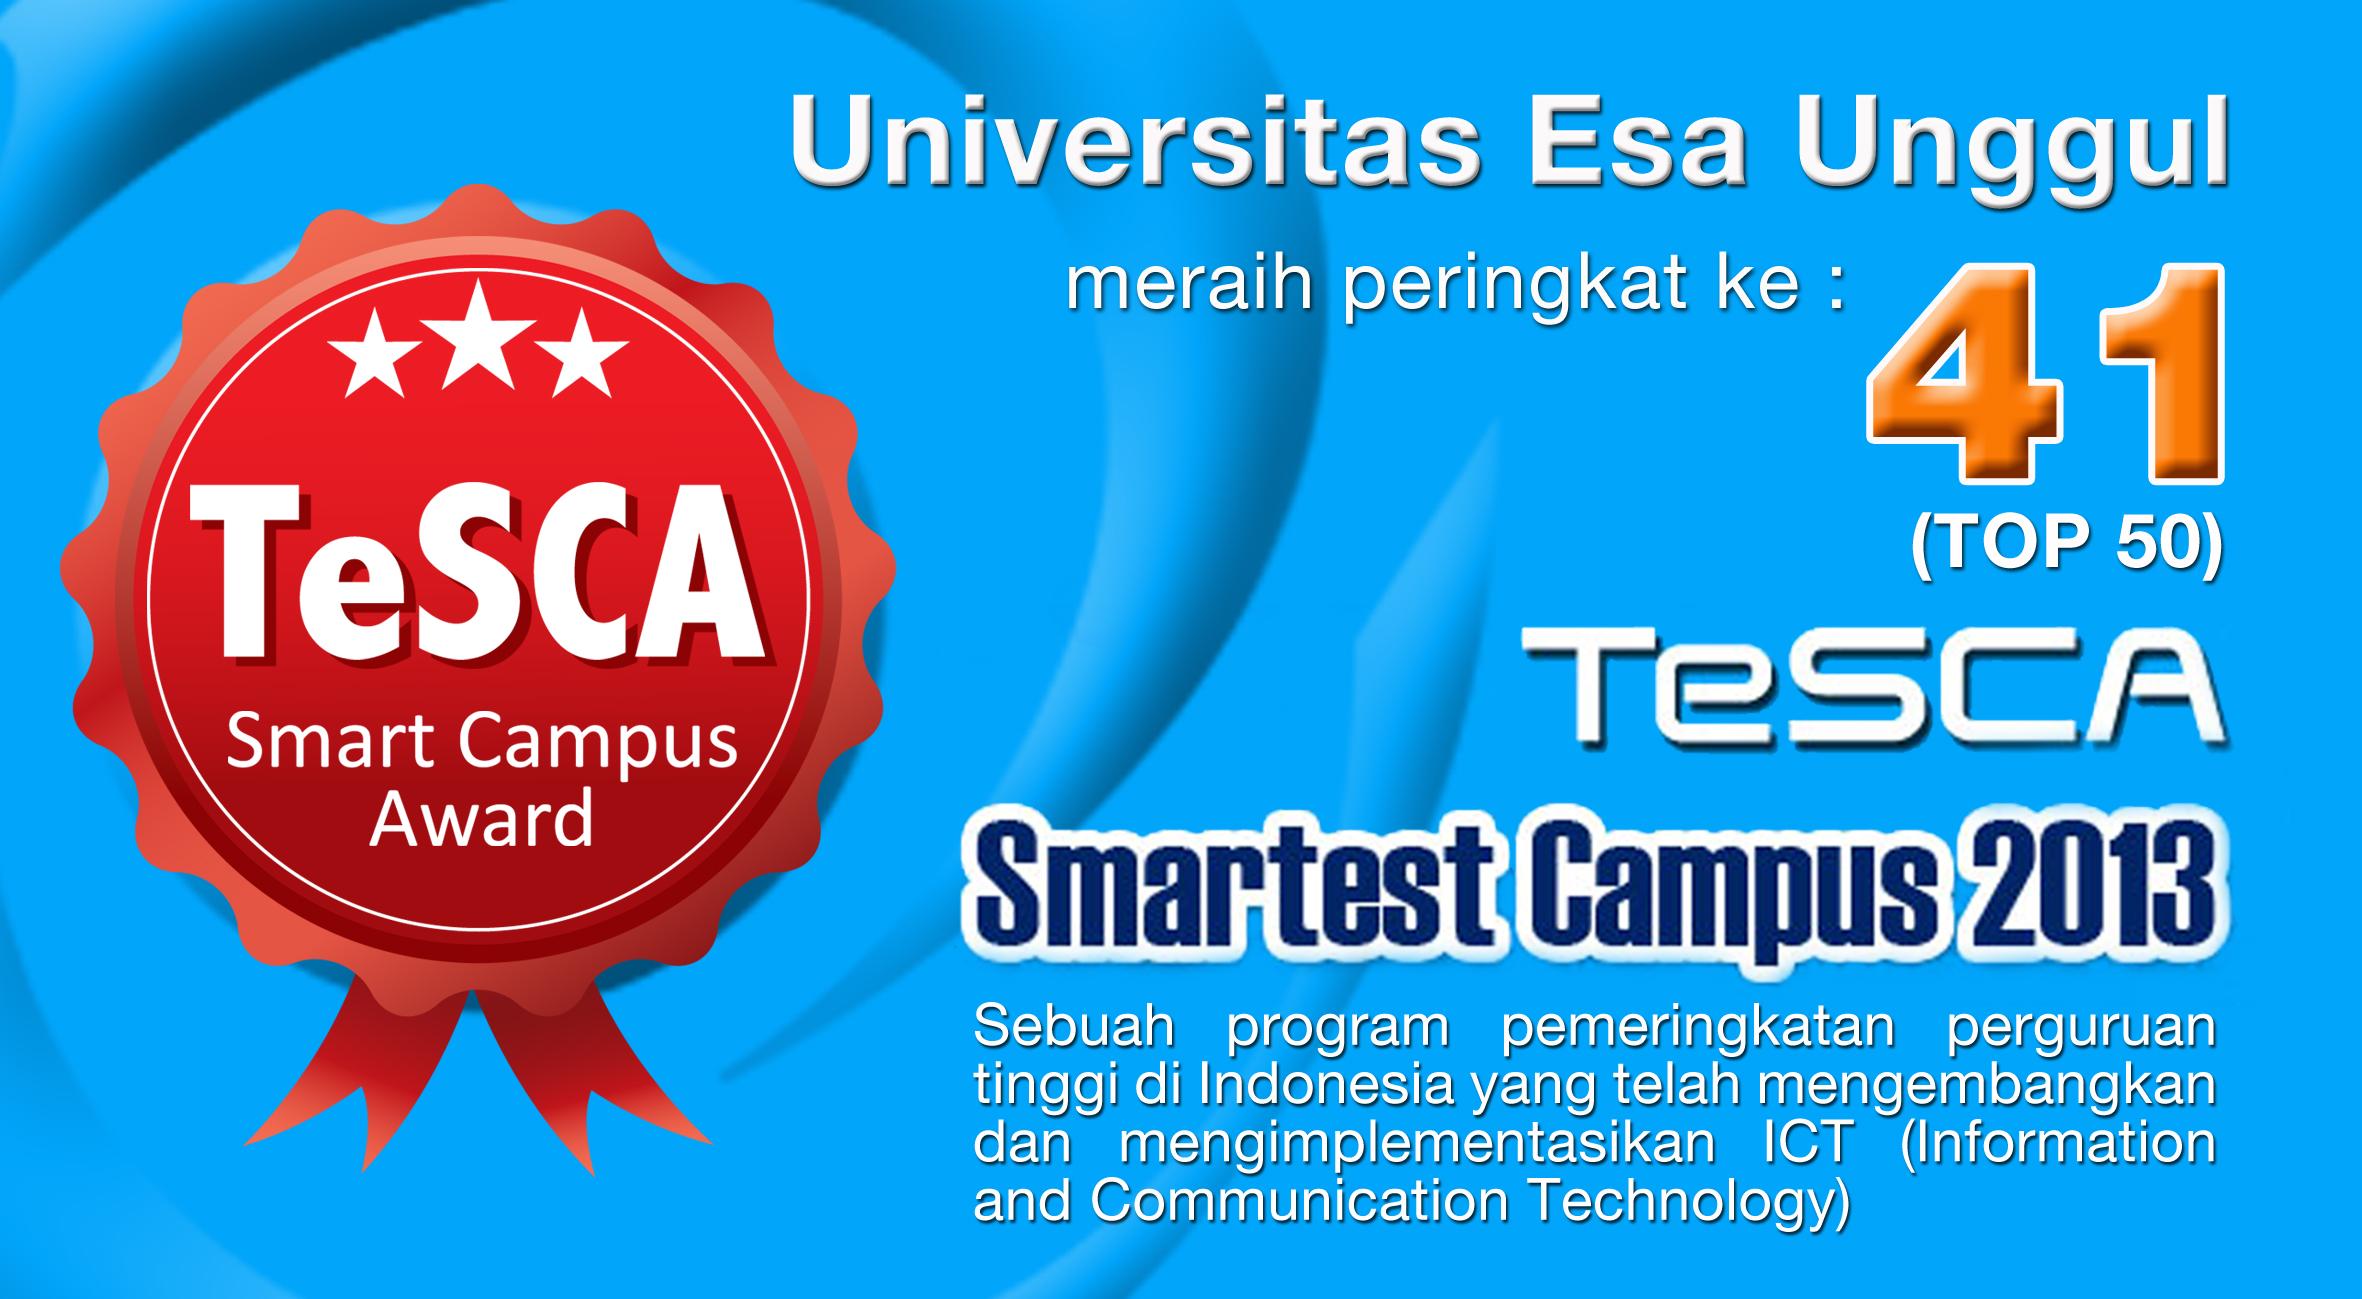 Universitas Esa Unggul meraih peringkat ke 41 – TeSCA Smartest Campus 2013